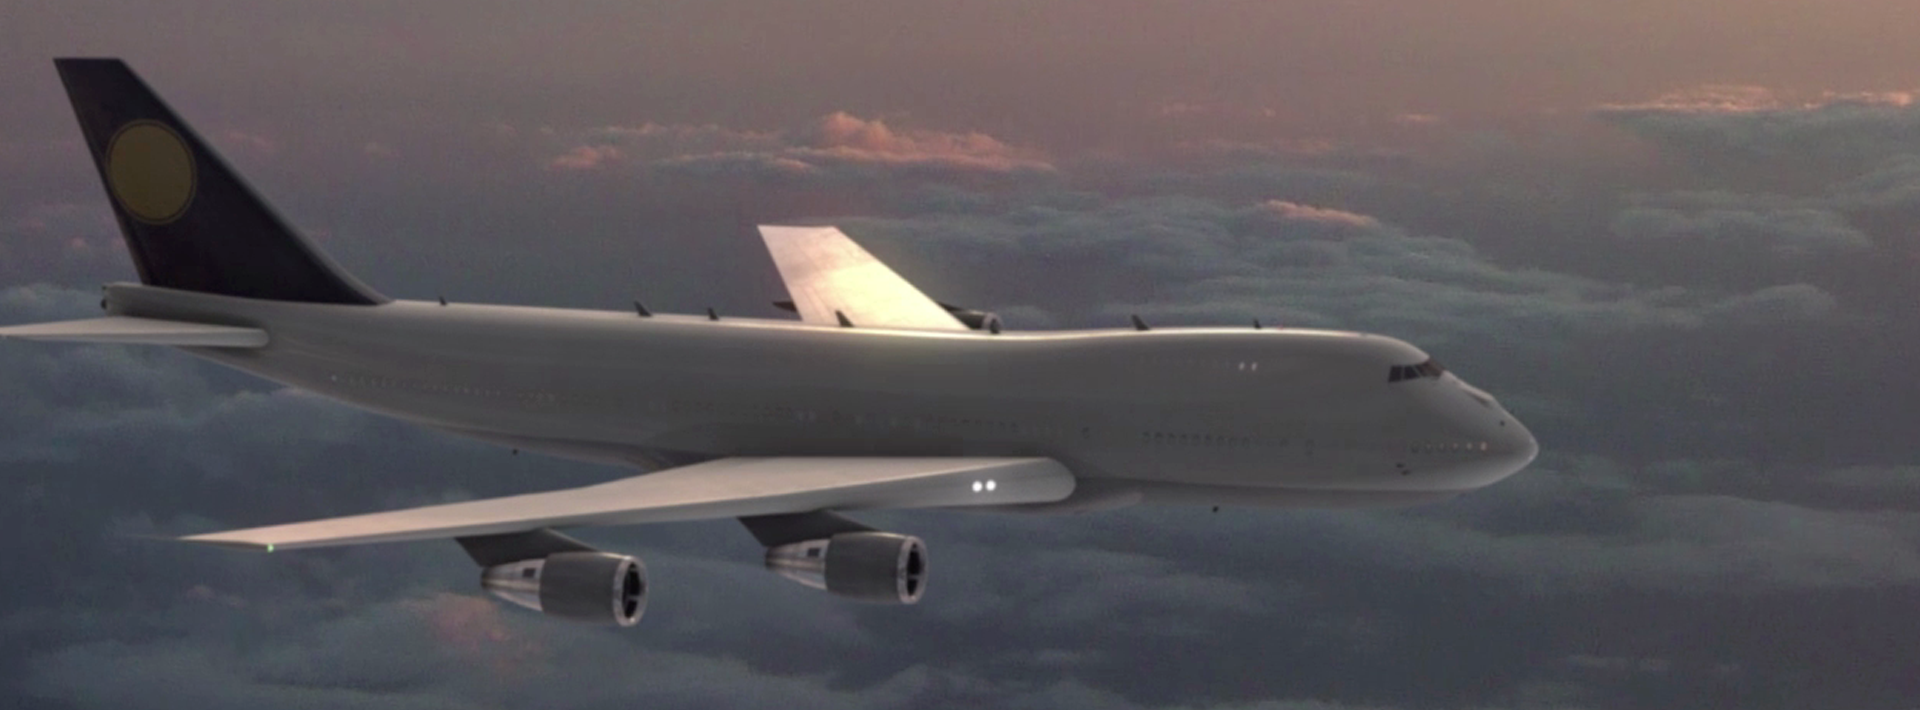 A Flight of Fancy